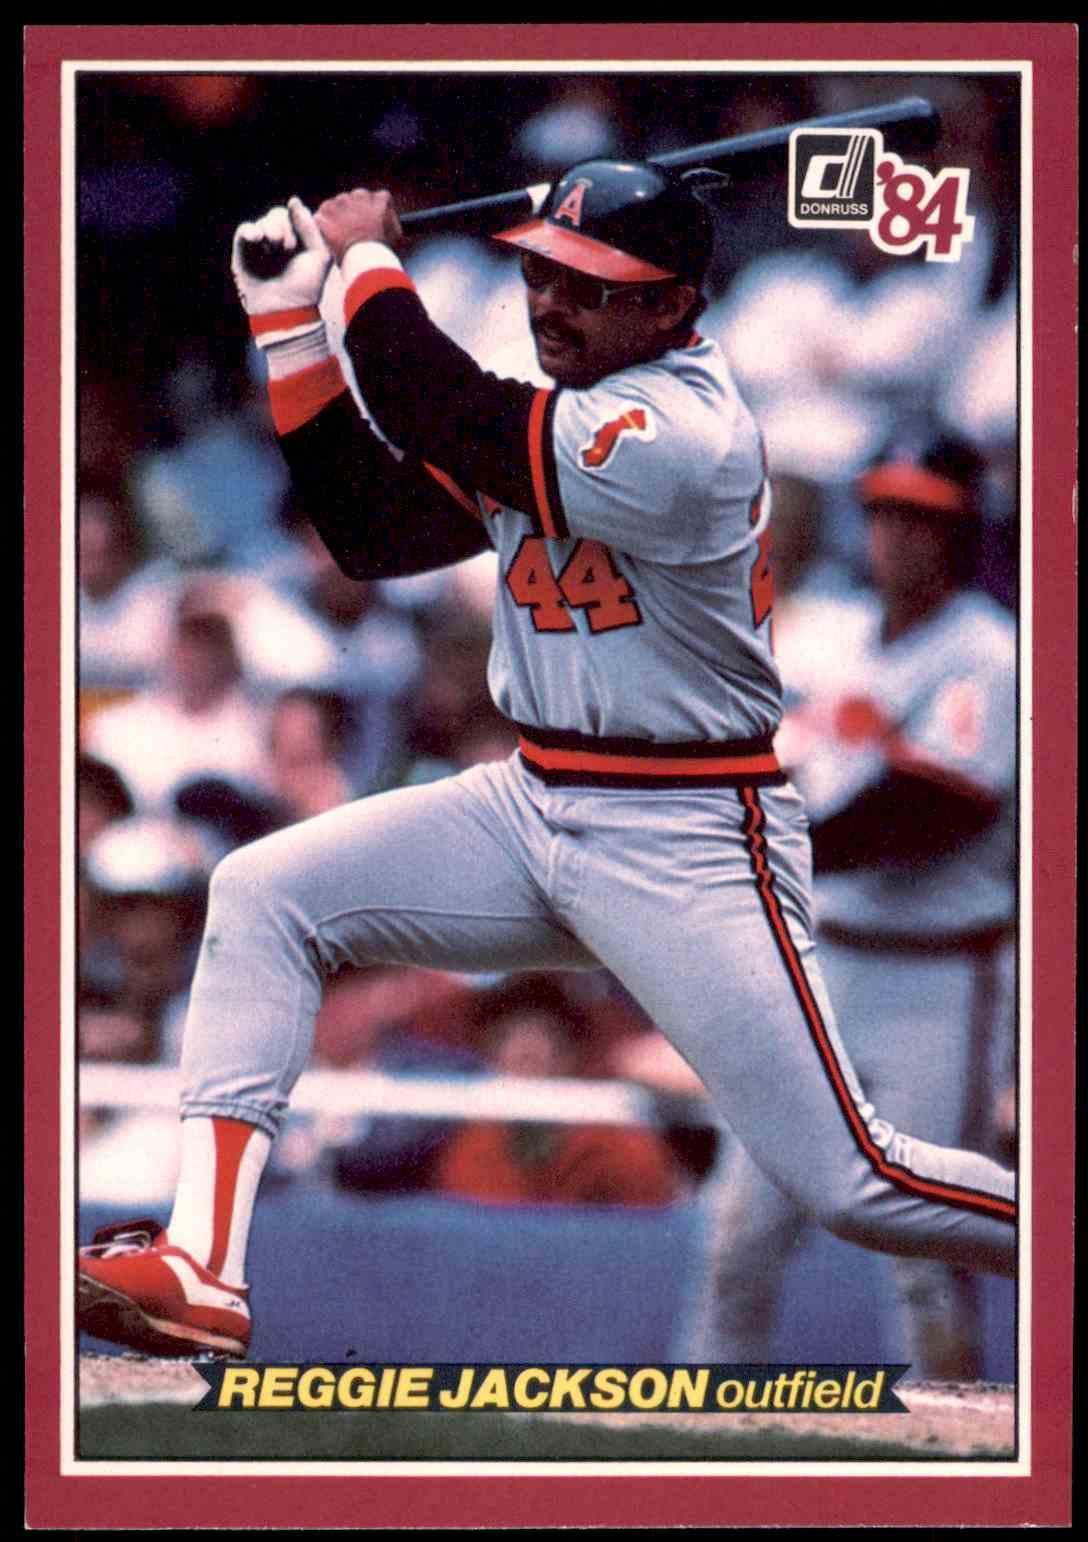 1984 Donruss Action All Stars Oversized Reggie Jackson 36 On